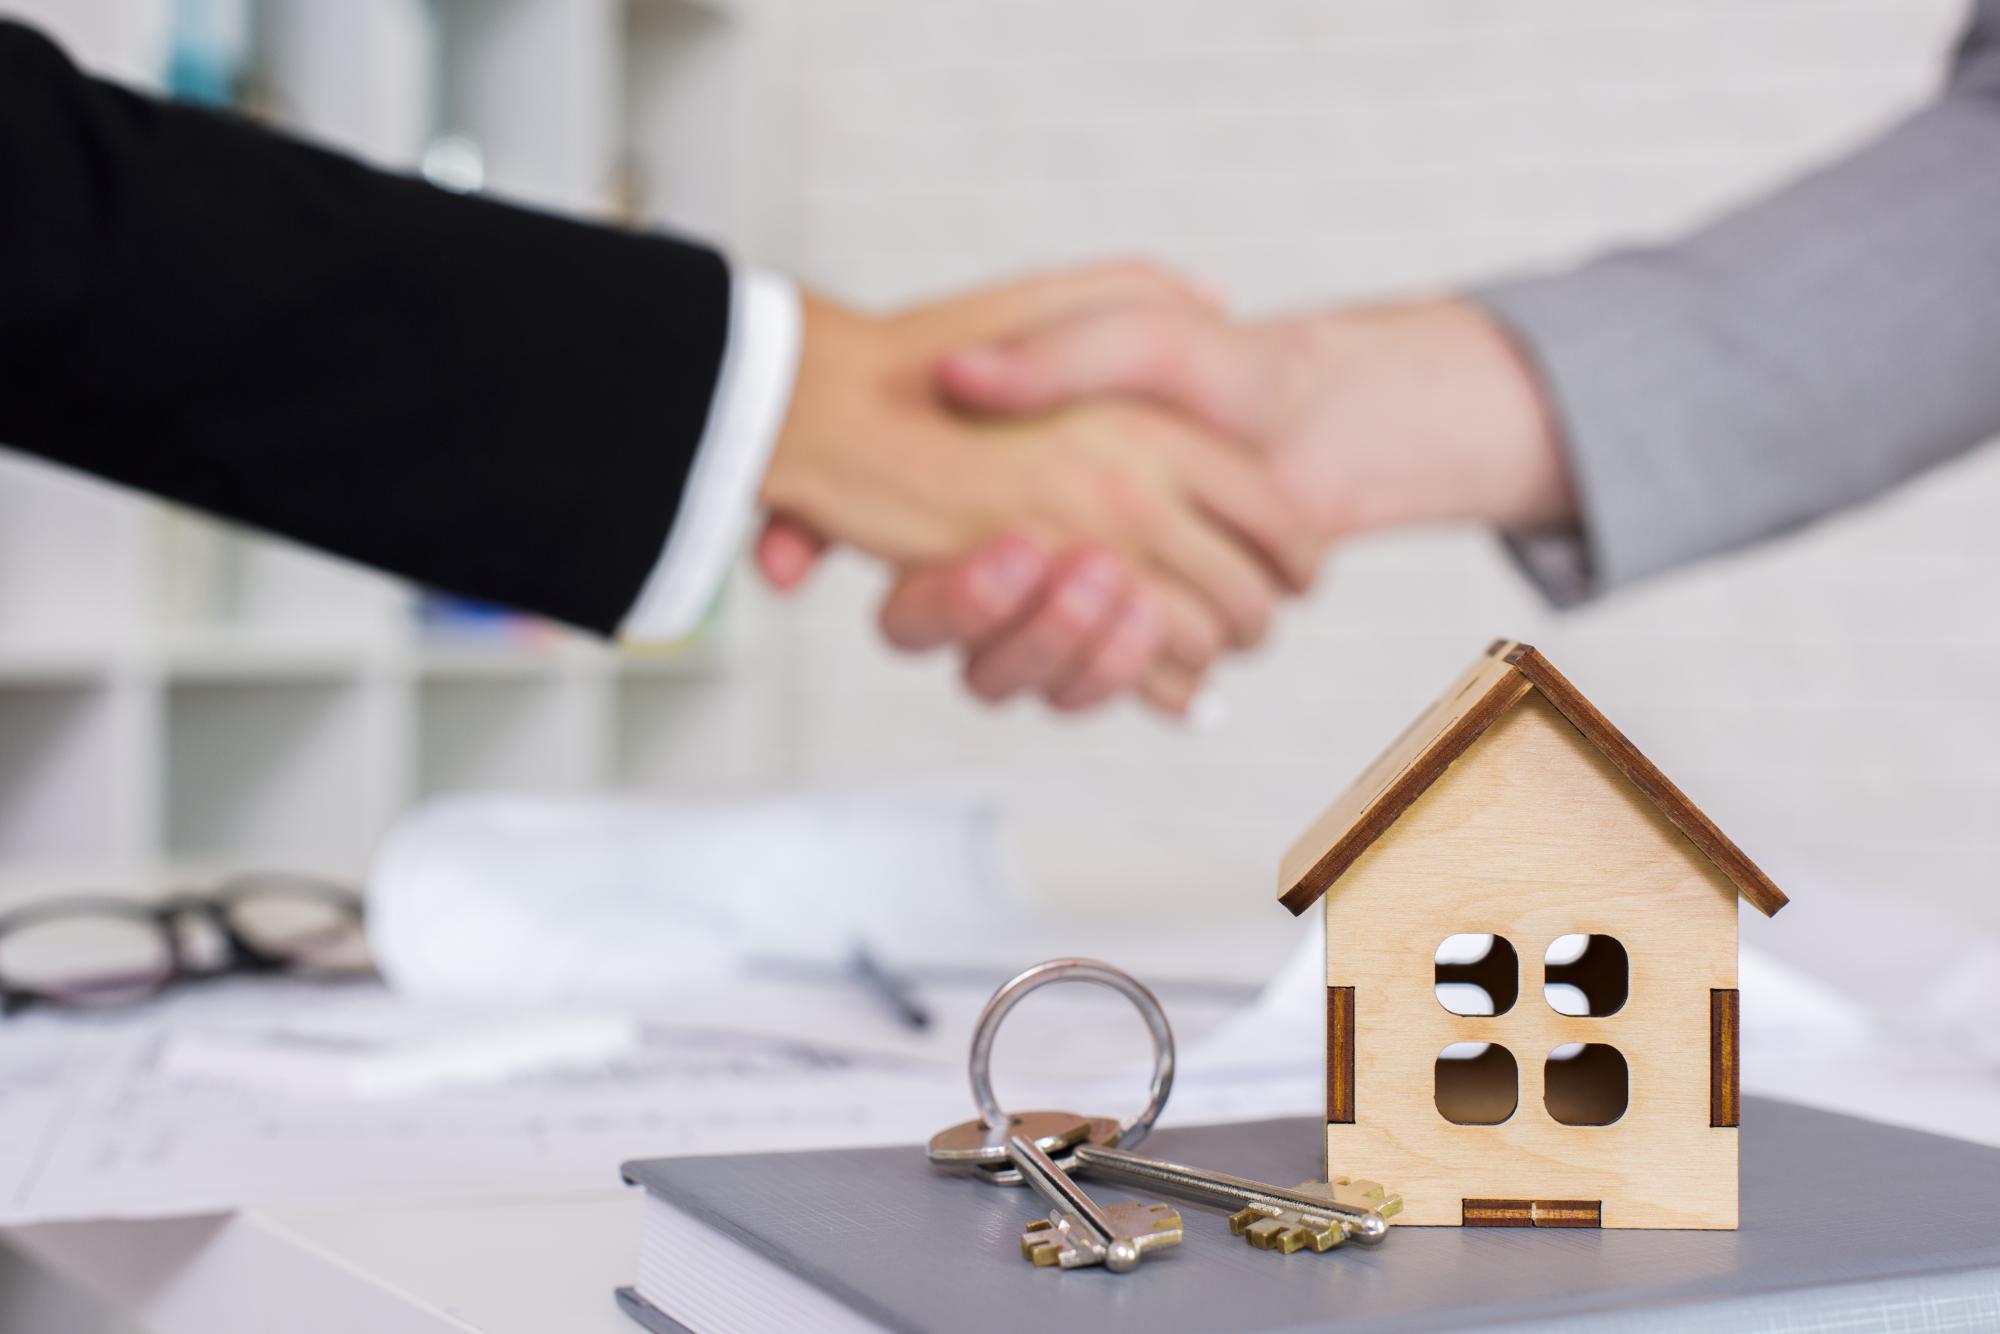 Минфин пояснил порядок оплаты налога ИП припродаже квартиры